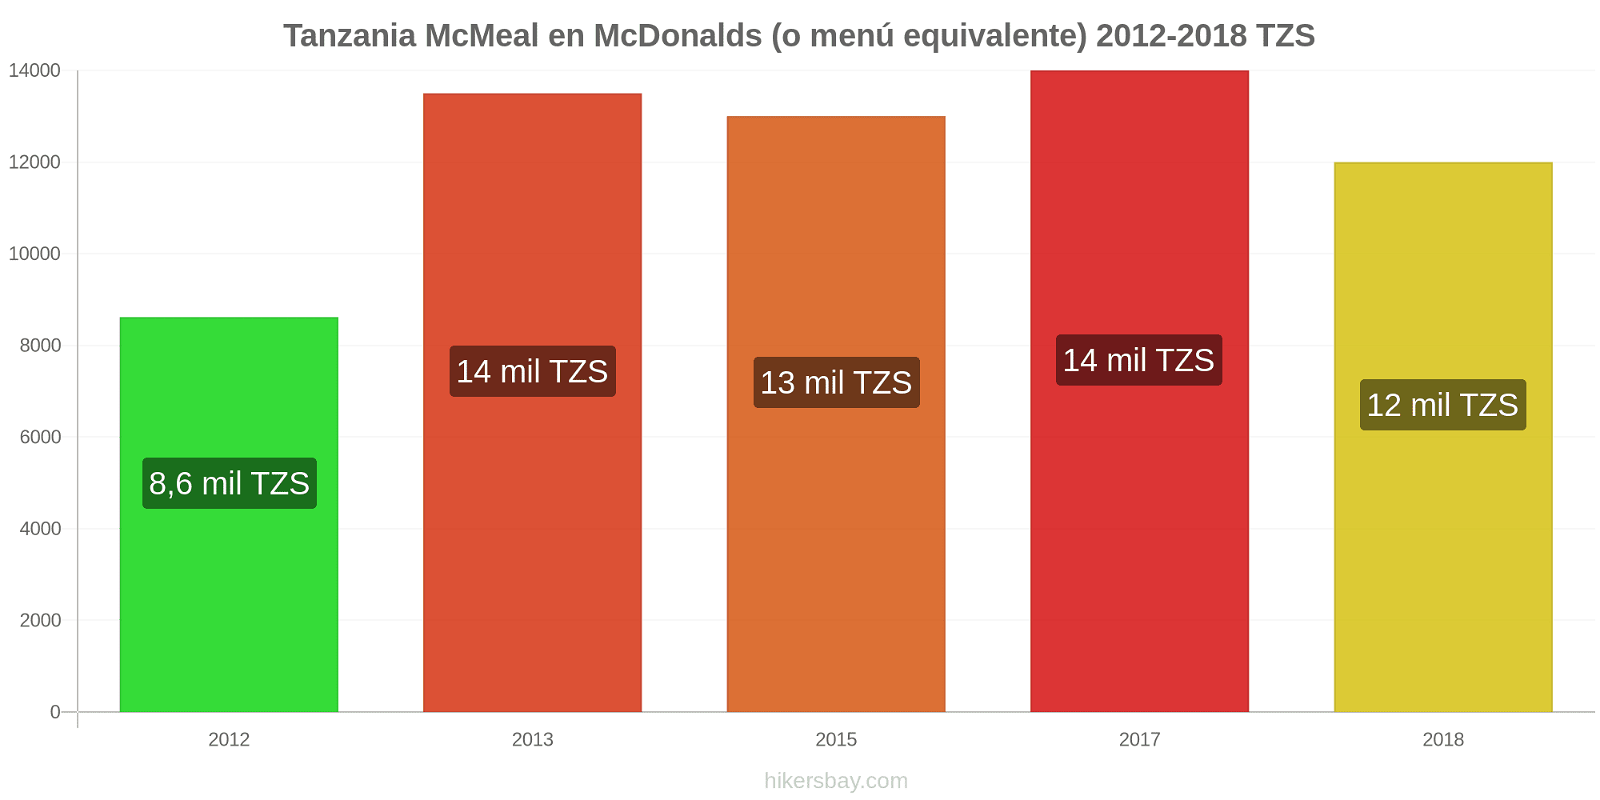 Tanzania cambios de precios McMeal en McDonalds (o menú equivalente) hikersbay.com